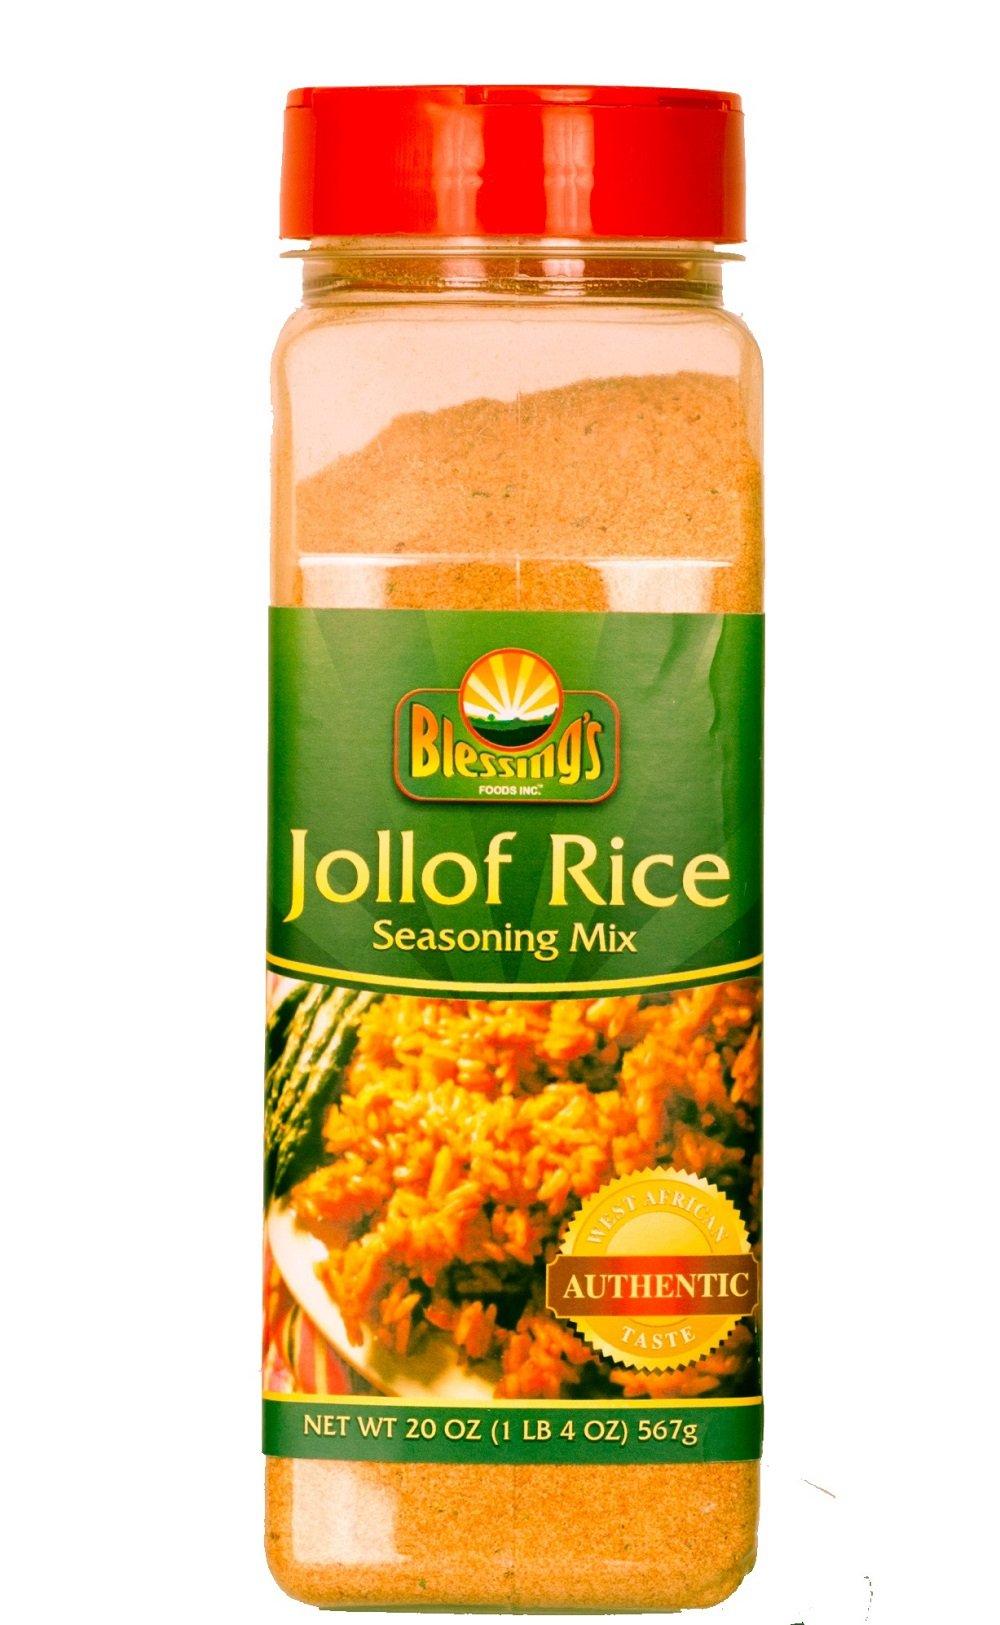 Jollof Seasoning Mix (20 oz) - Family size